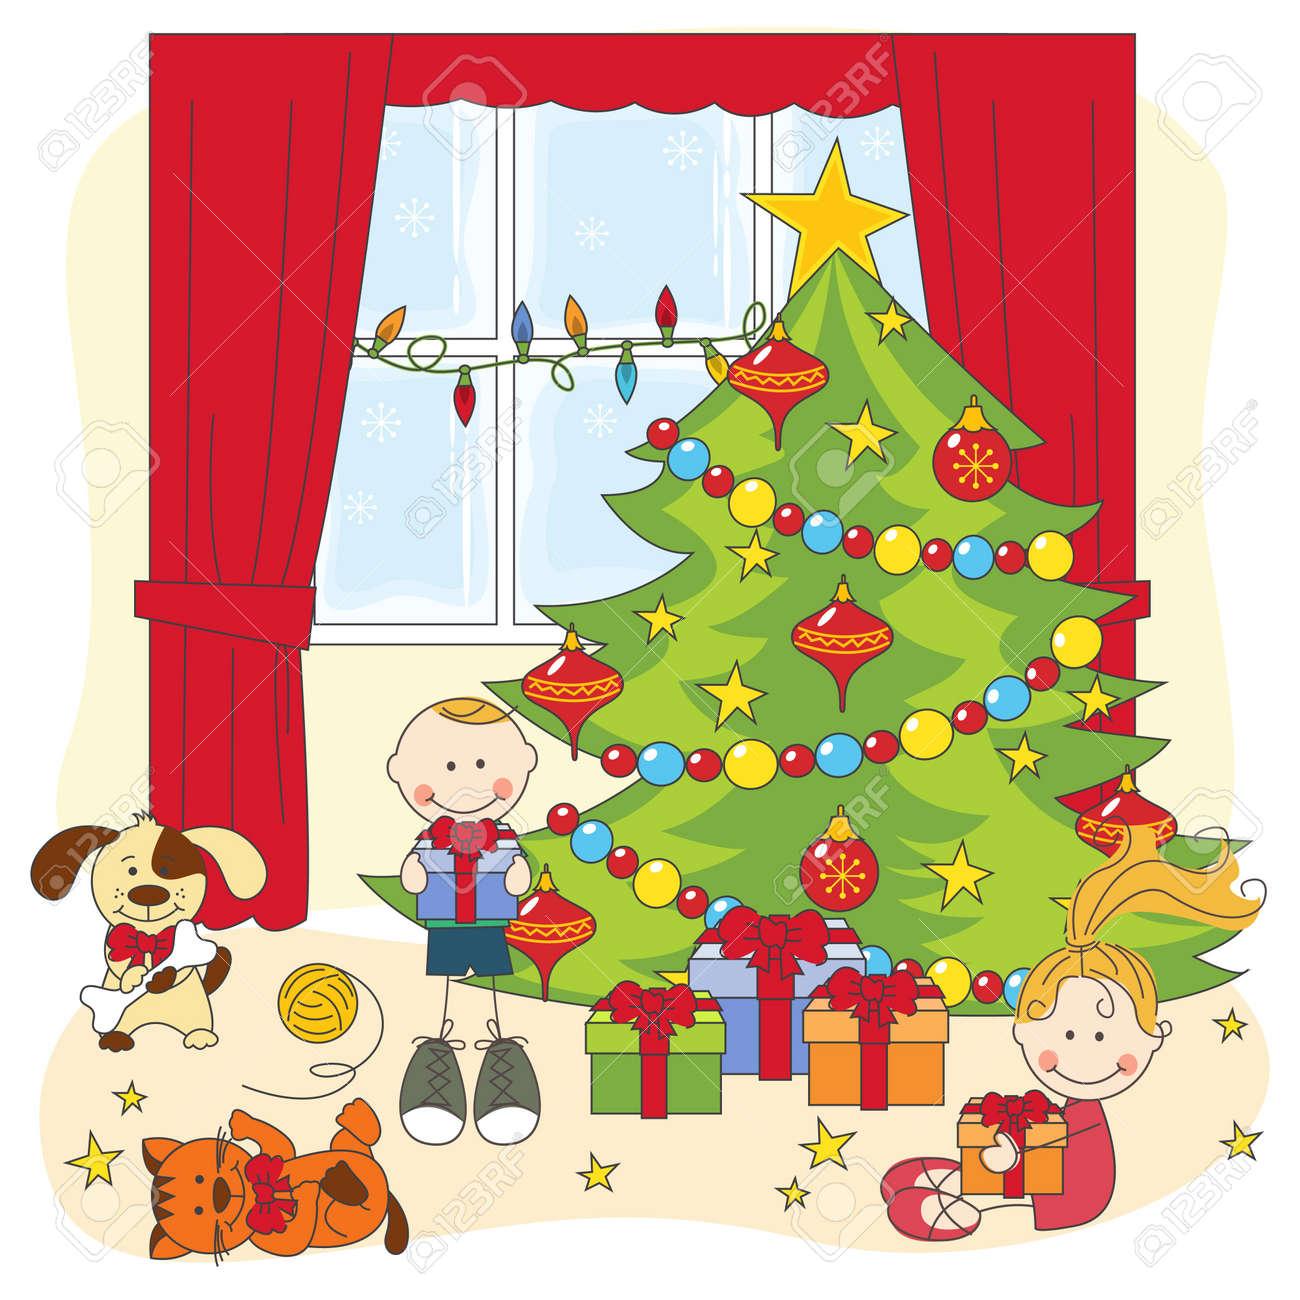 Dibujos De Navidad Regalos.Navidad Ilustracion Los Ninos Abriendo Regalos Mano De Dibujo